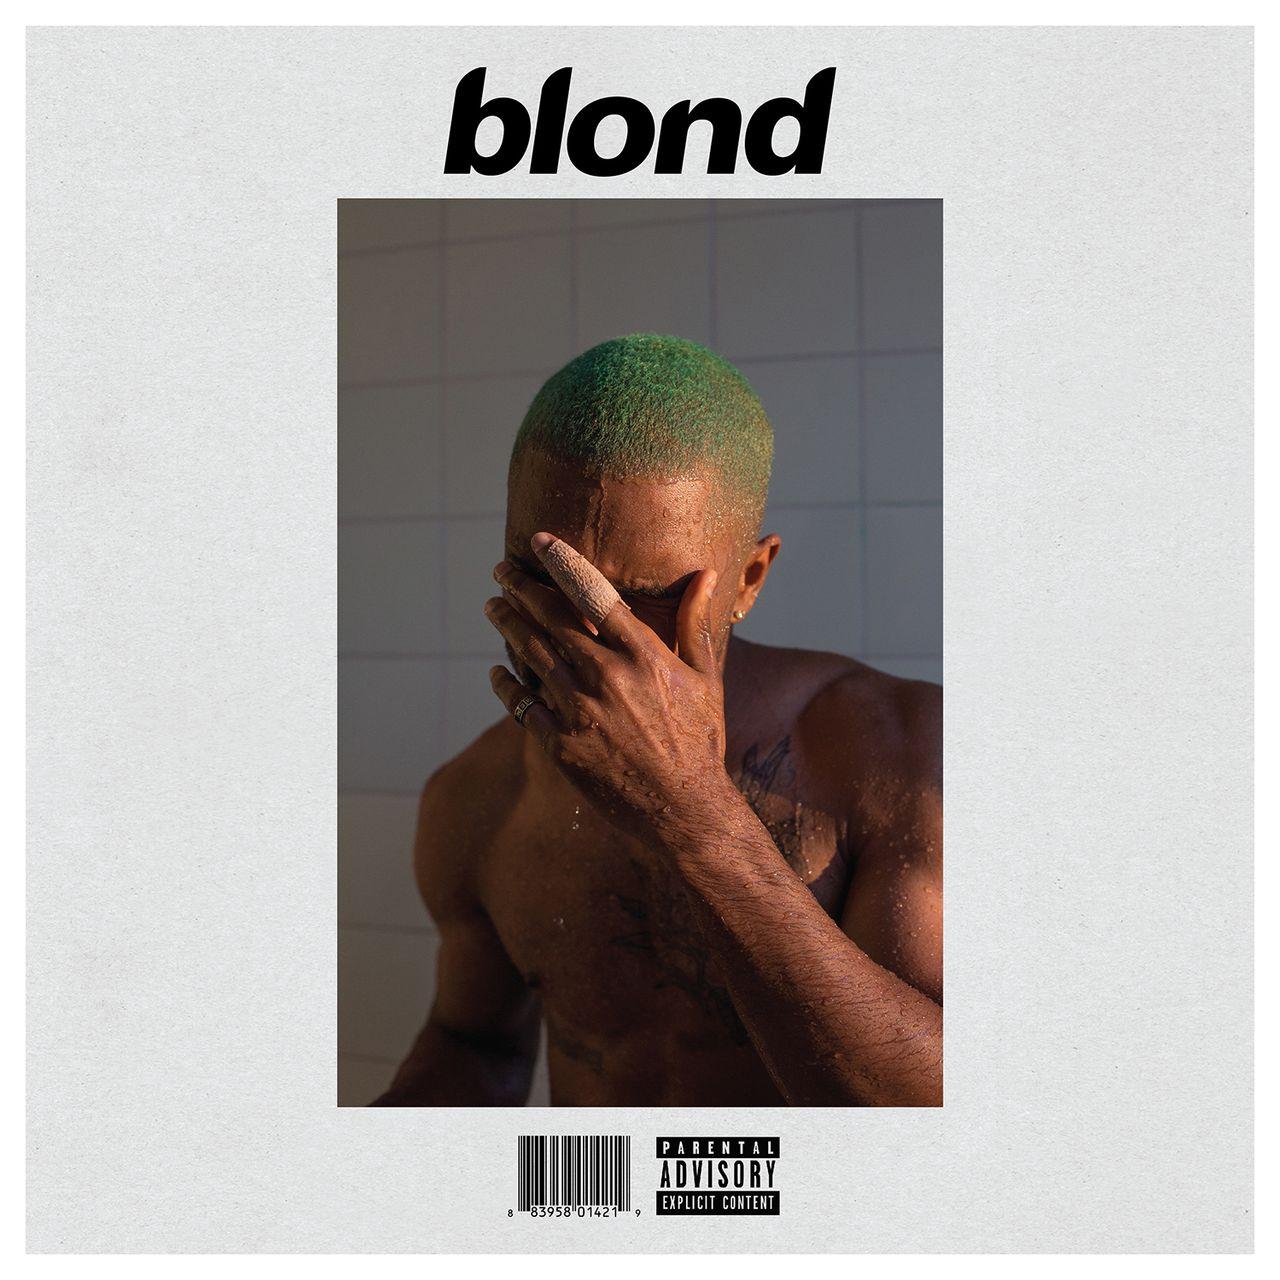 Frank Ocean Blonde Album Cover